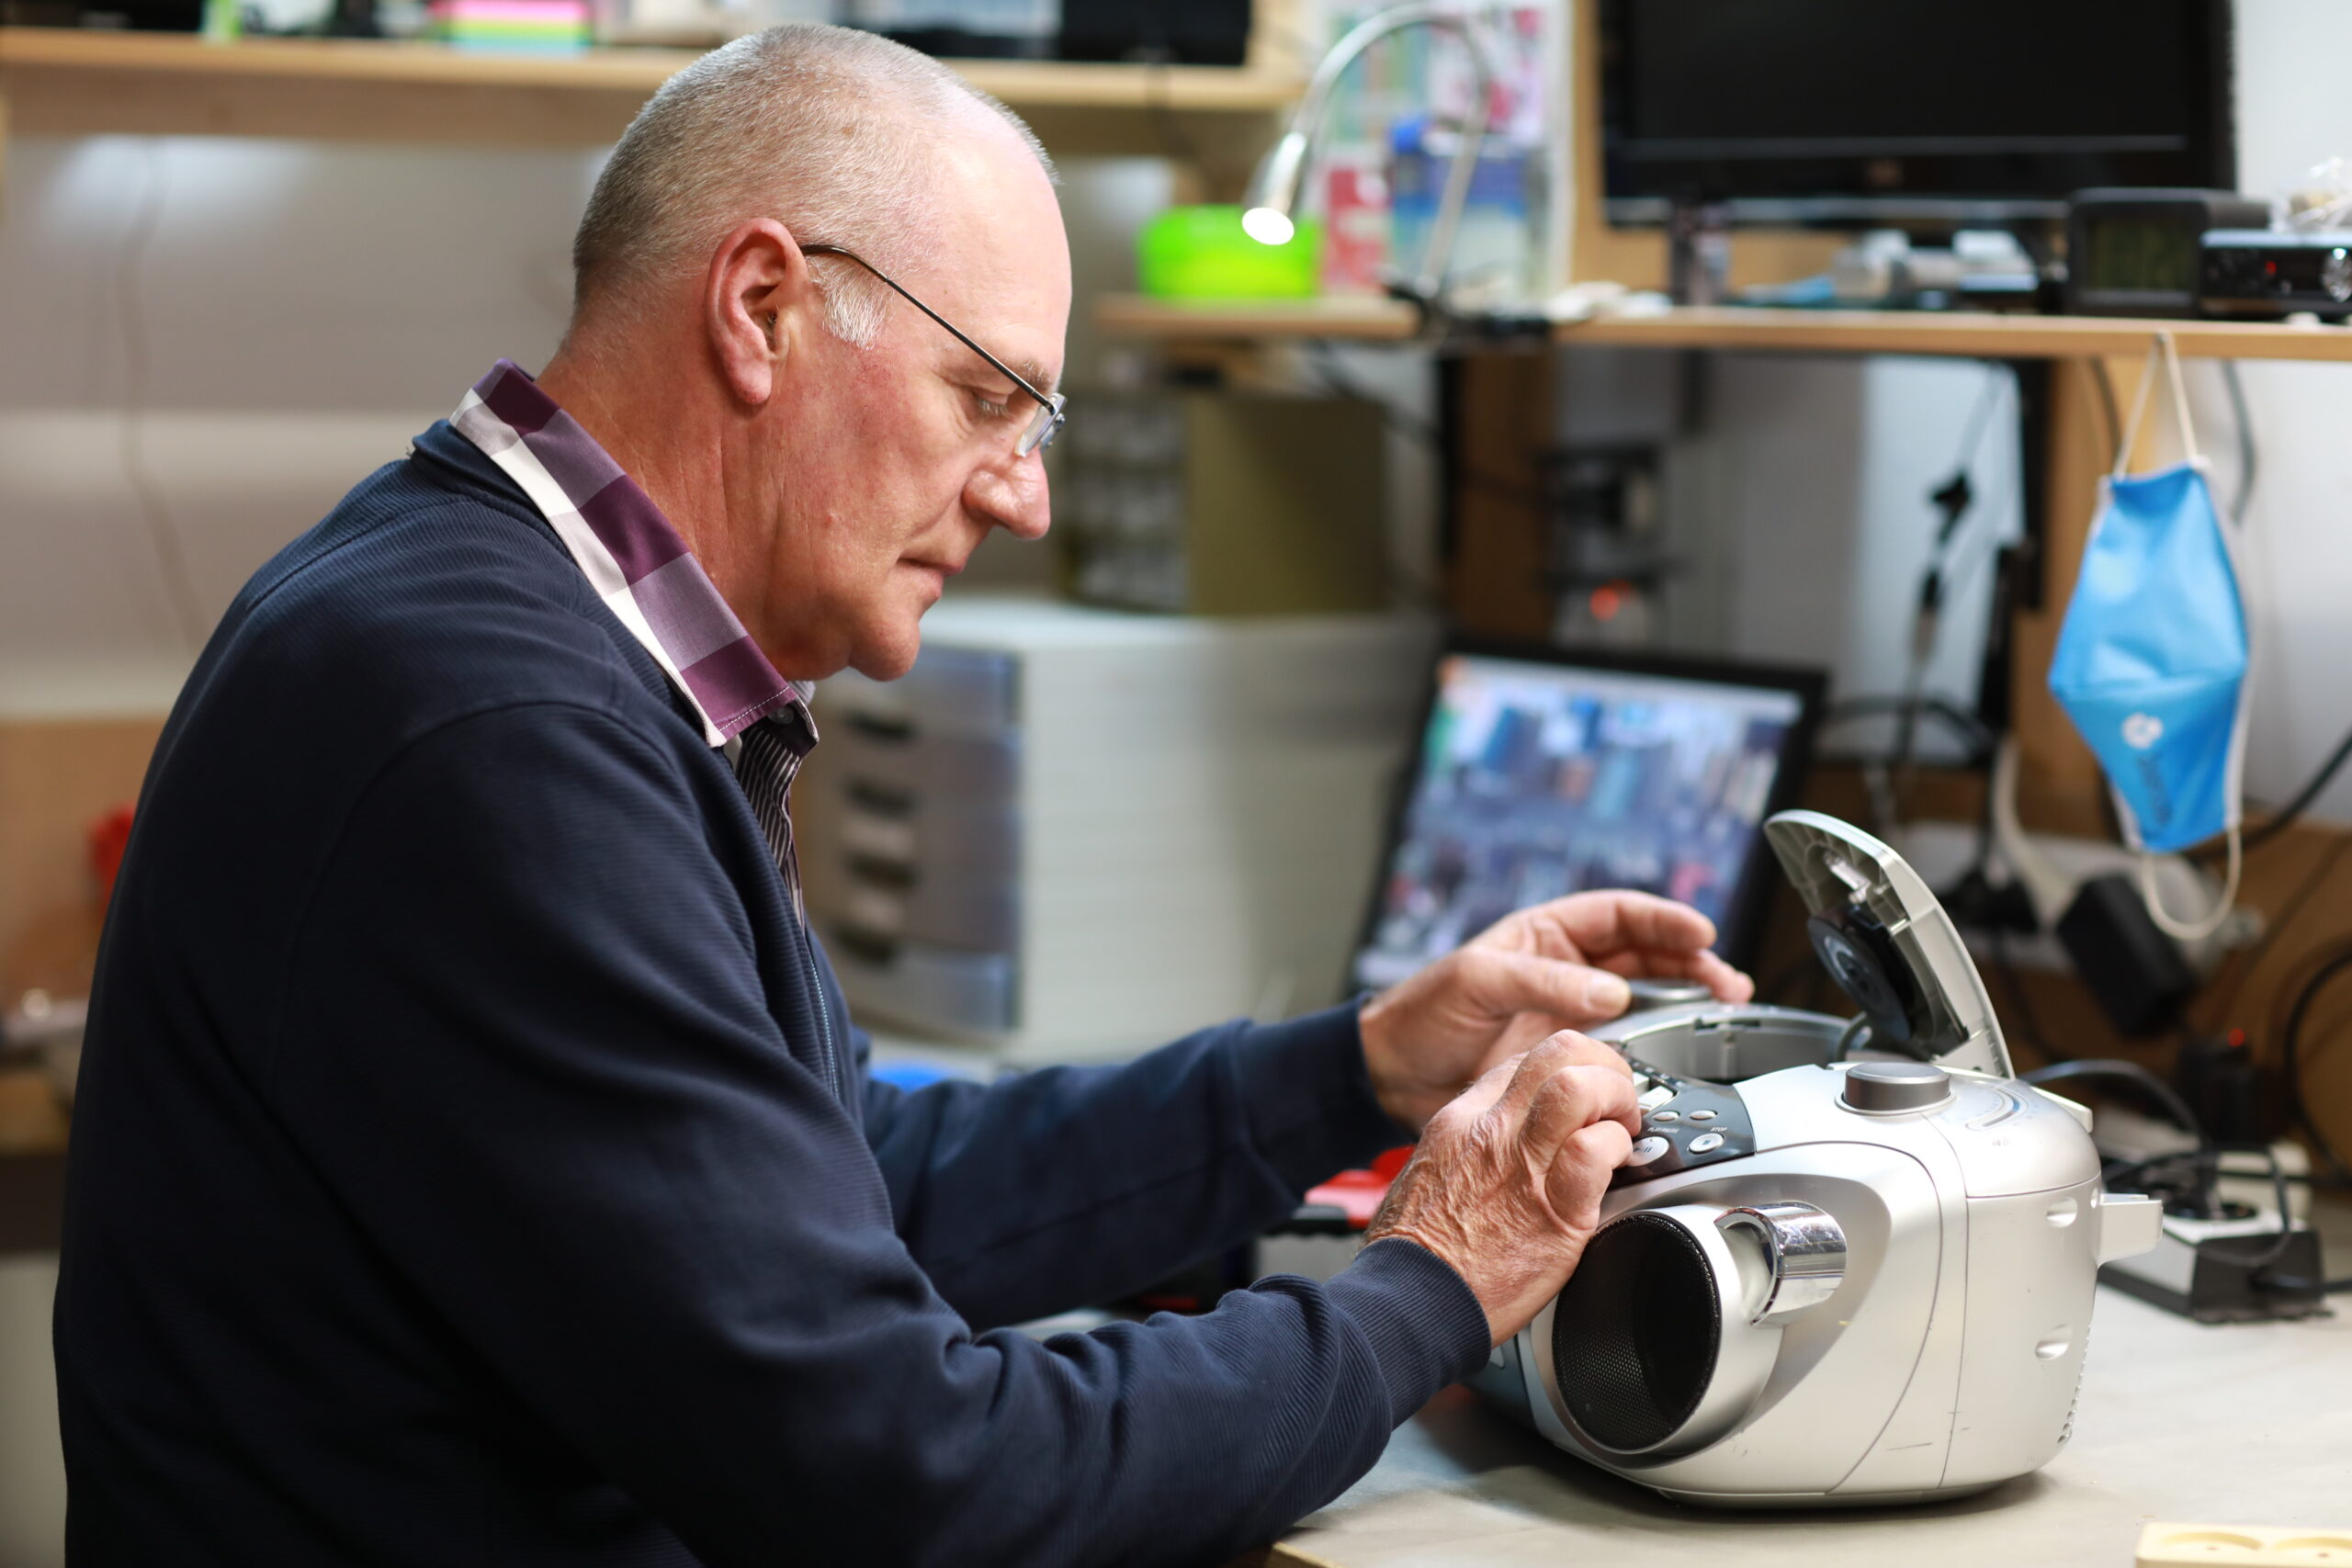 Kringloopwinkels weer open: de bijna-Vuitton en andere vondsten